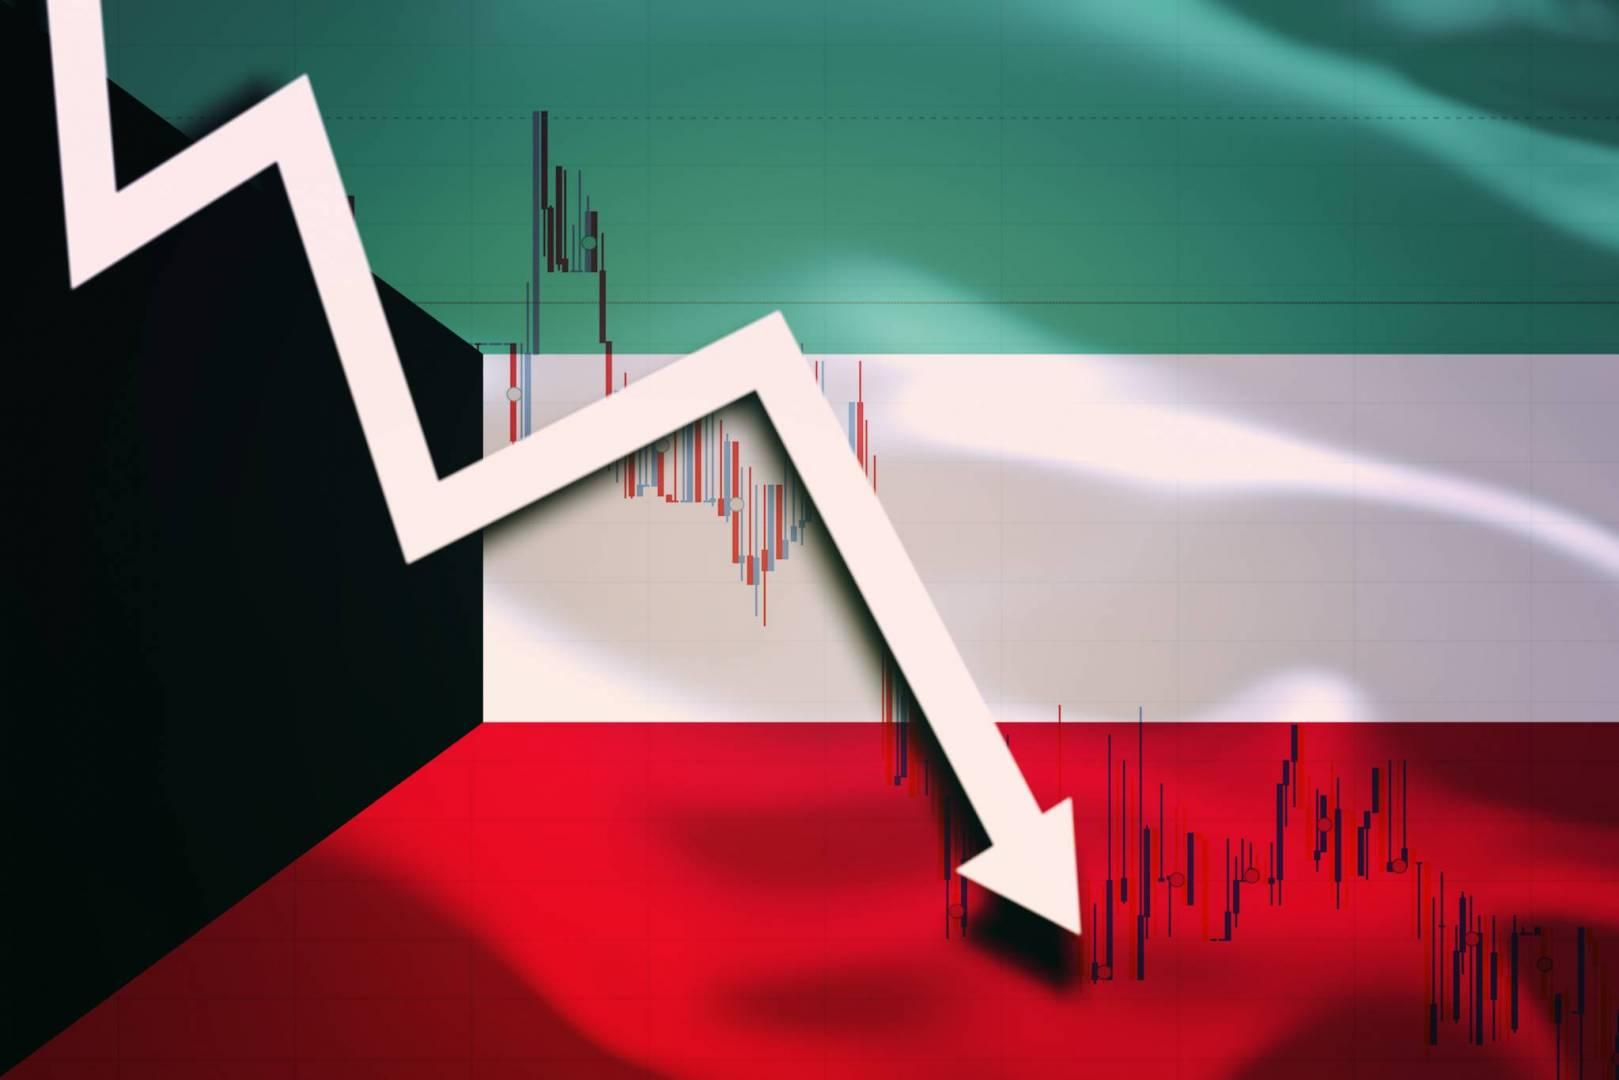 «بلومبيرغ»: الكويت تبحث استخدام صندوق الأجيال لمواجهة أزمة حادة